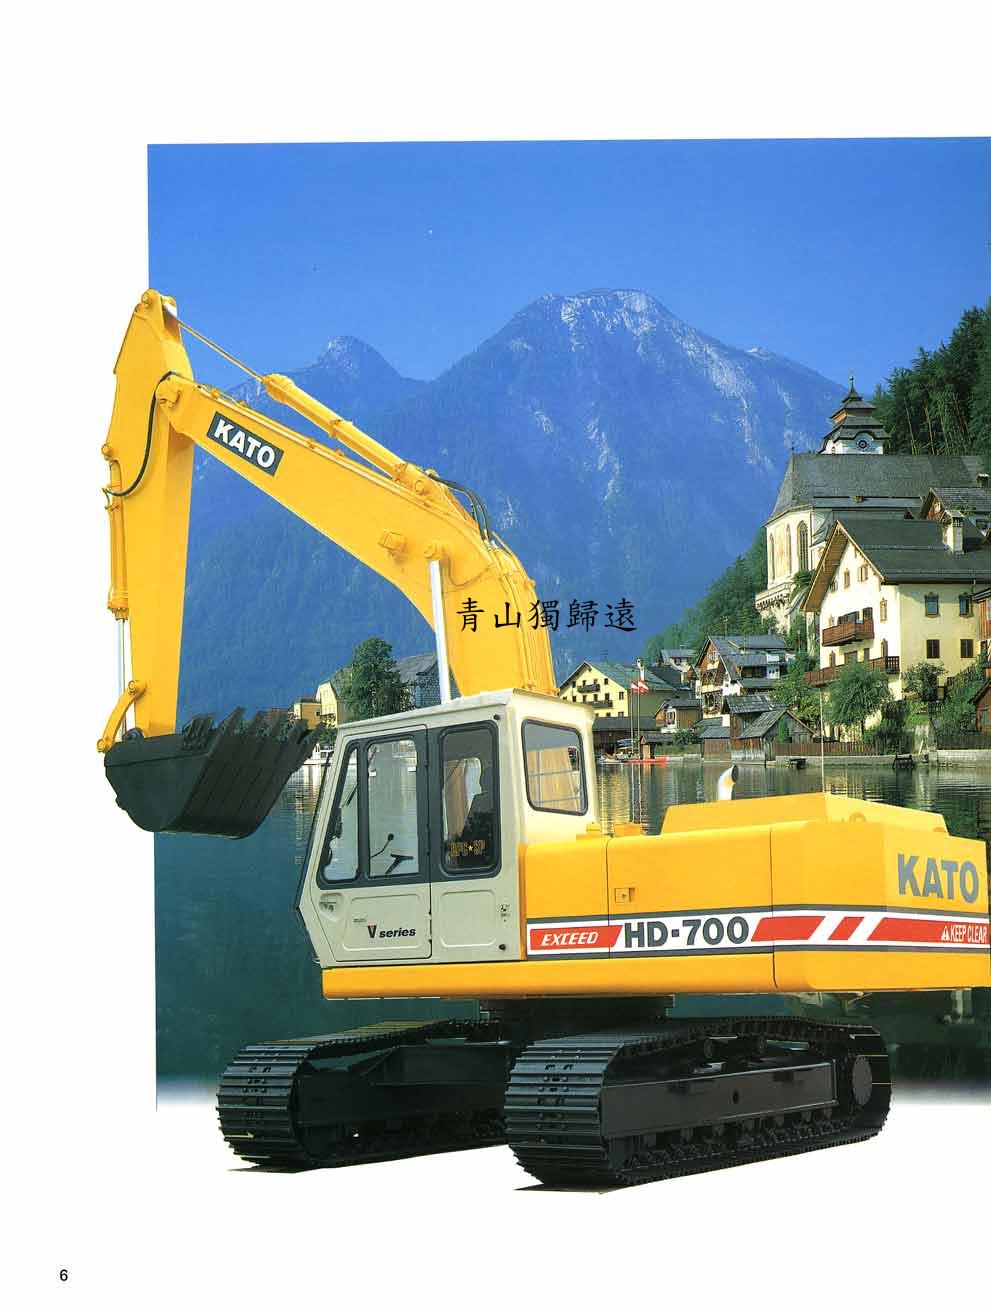 加藤20吨挖掘机的发展史